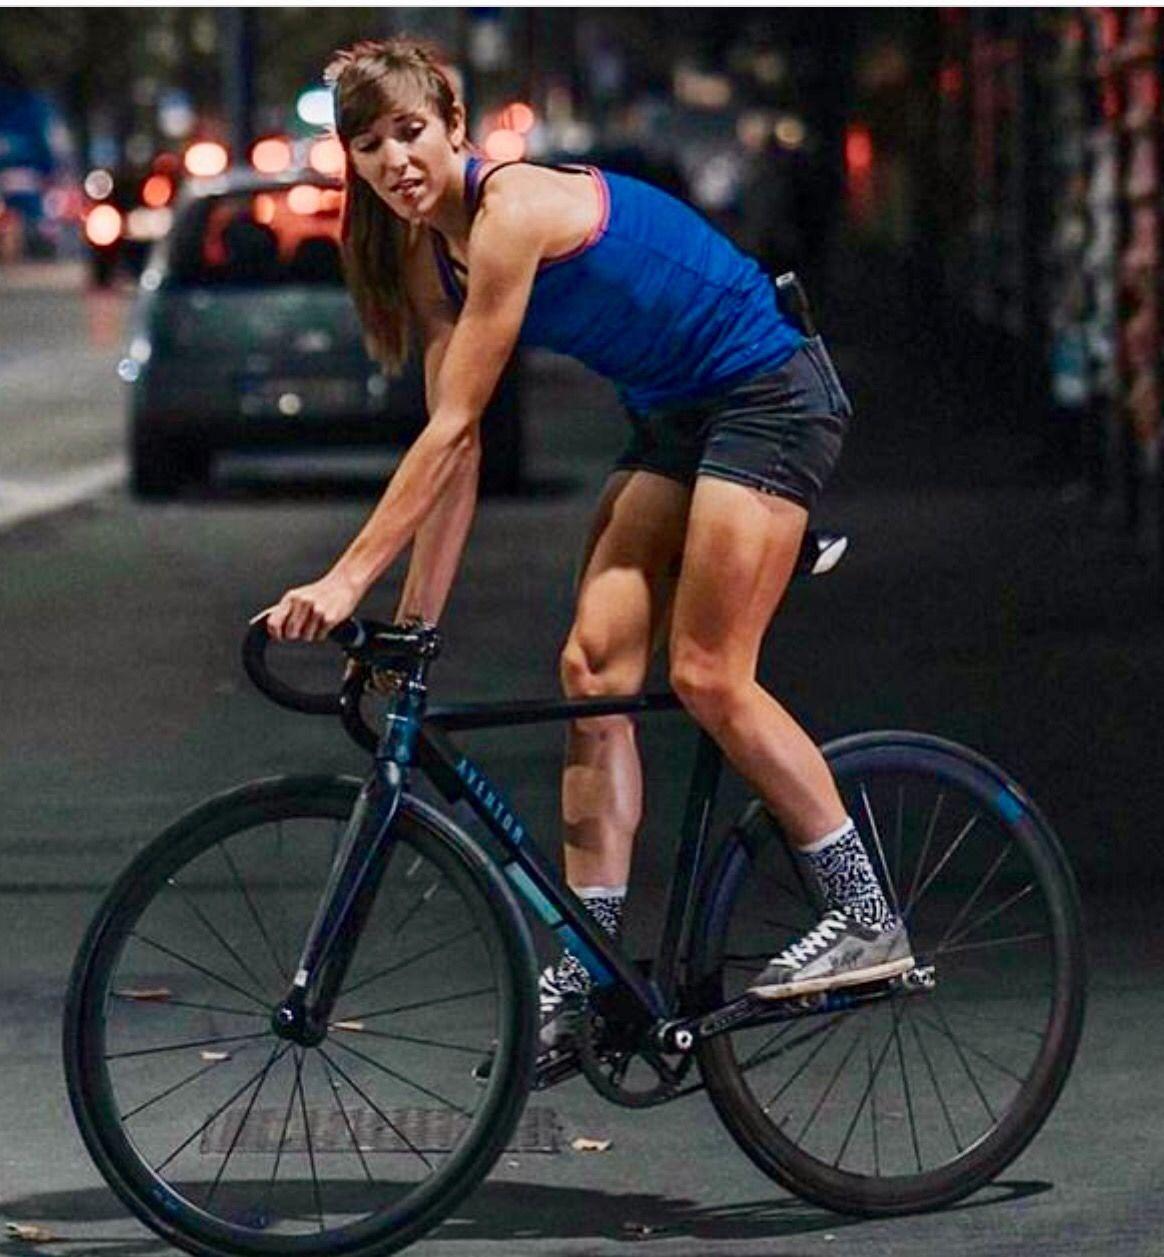 Cute Women And Girls On Bikes Photo Bicycle Girl Urban Bike